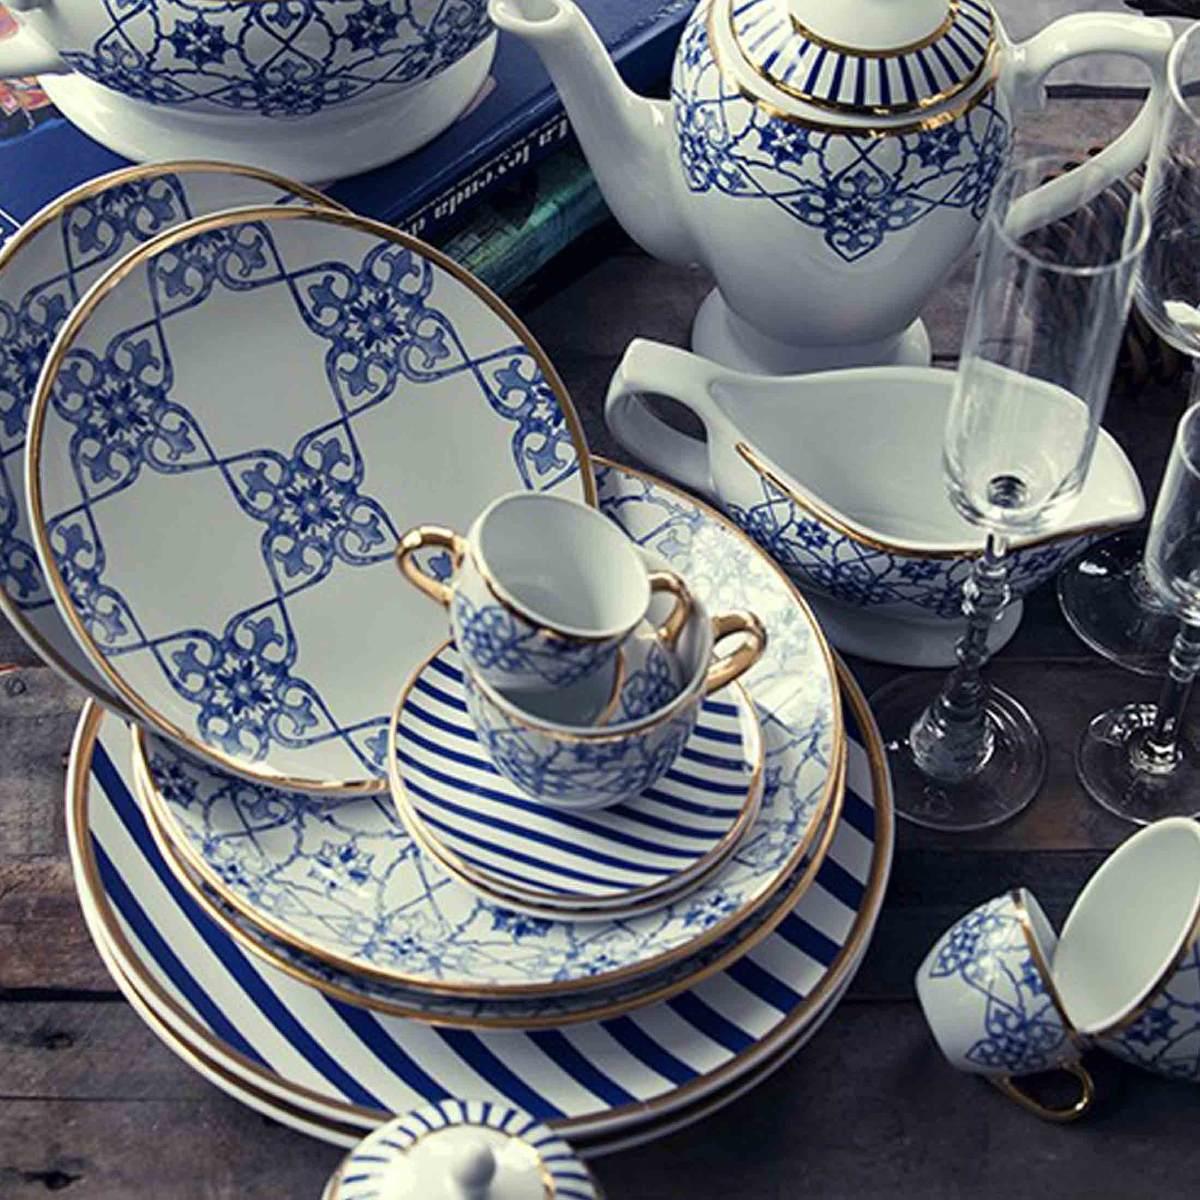 Aparelho De Jantar Lusitana Porcelana 42 Peças Oxford R$ 1.199 90  #384264 1200x1200